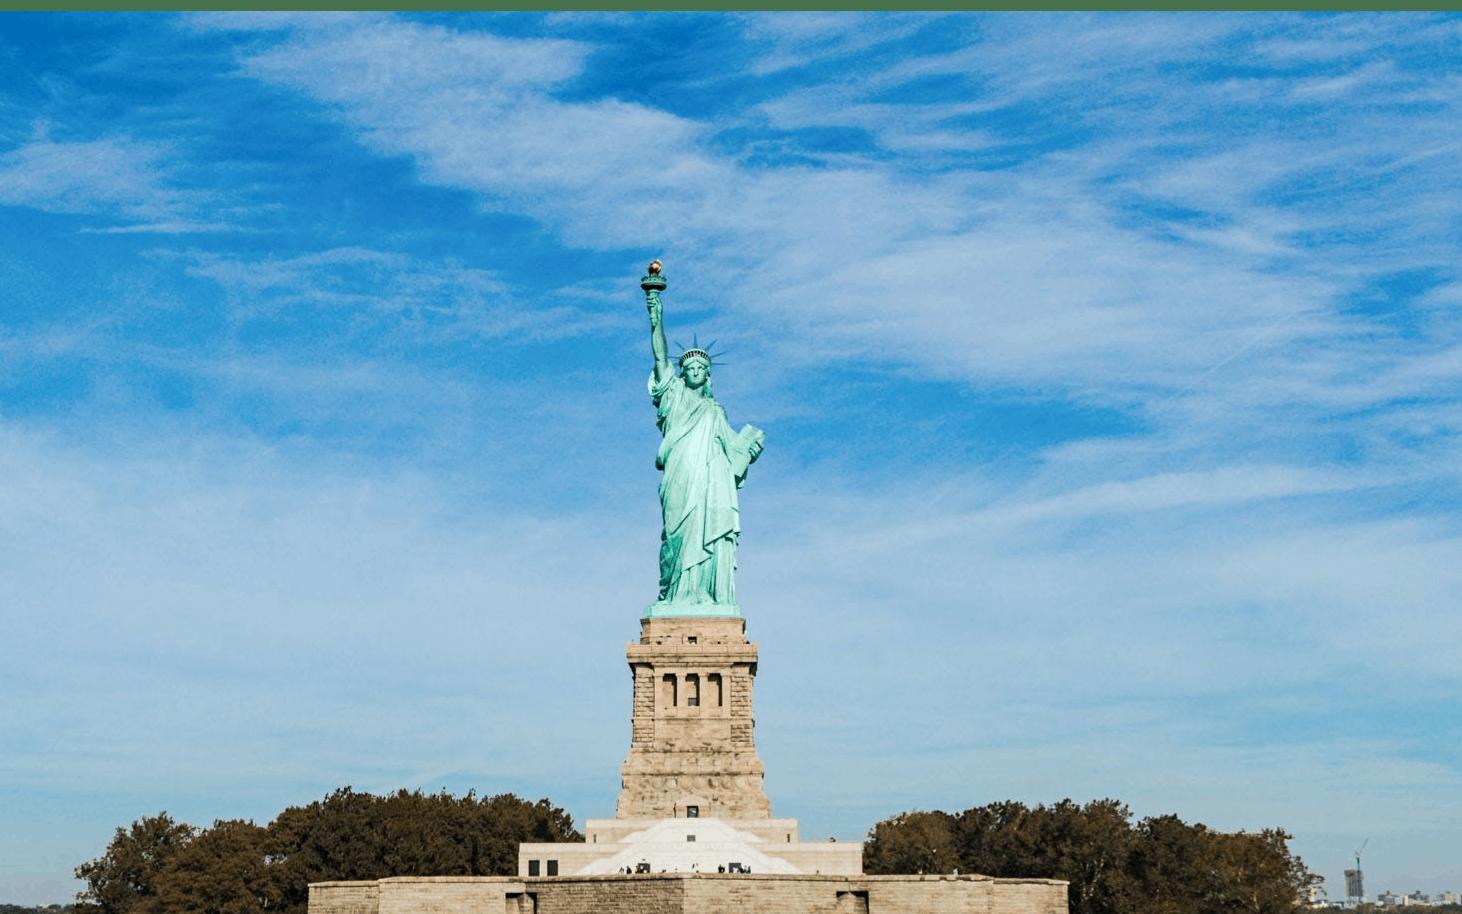 Tickets, museos, atracciones,Tickets, museums, attractions,Entradas a atracciones principales,Major attractions tickets,Estatua de la Libertad y crucero a Ellis Island,Statue of Liberty and Ellis Island Cruises,Con visita al pedestal